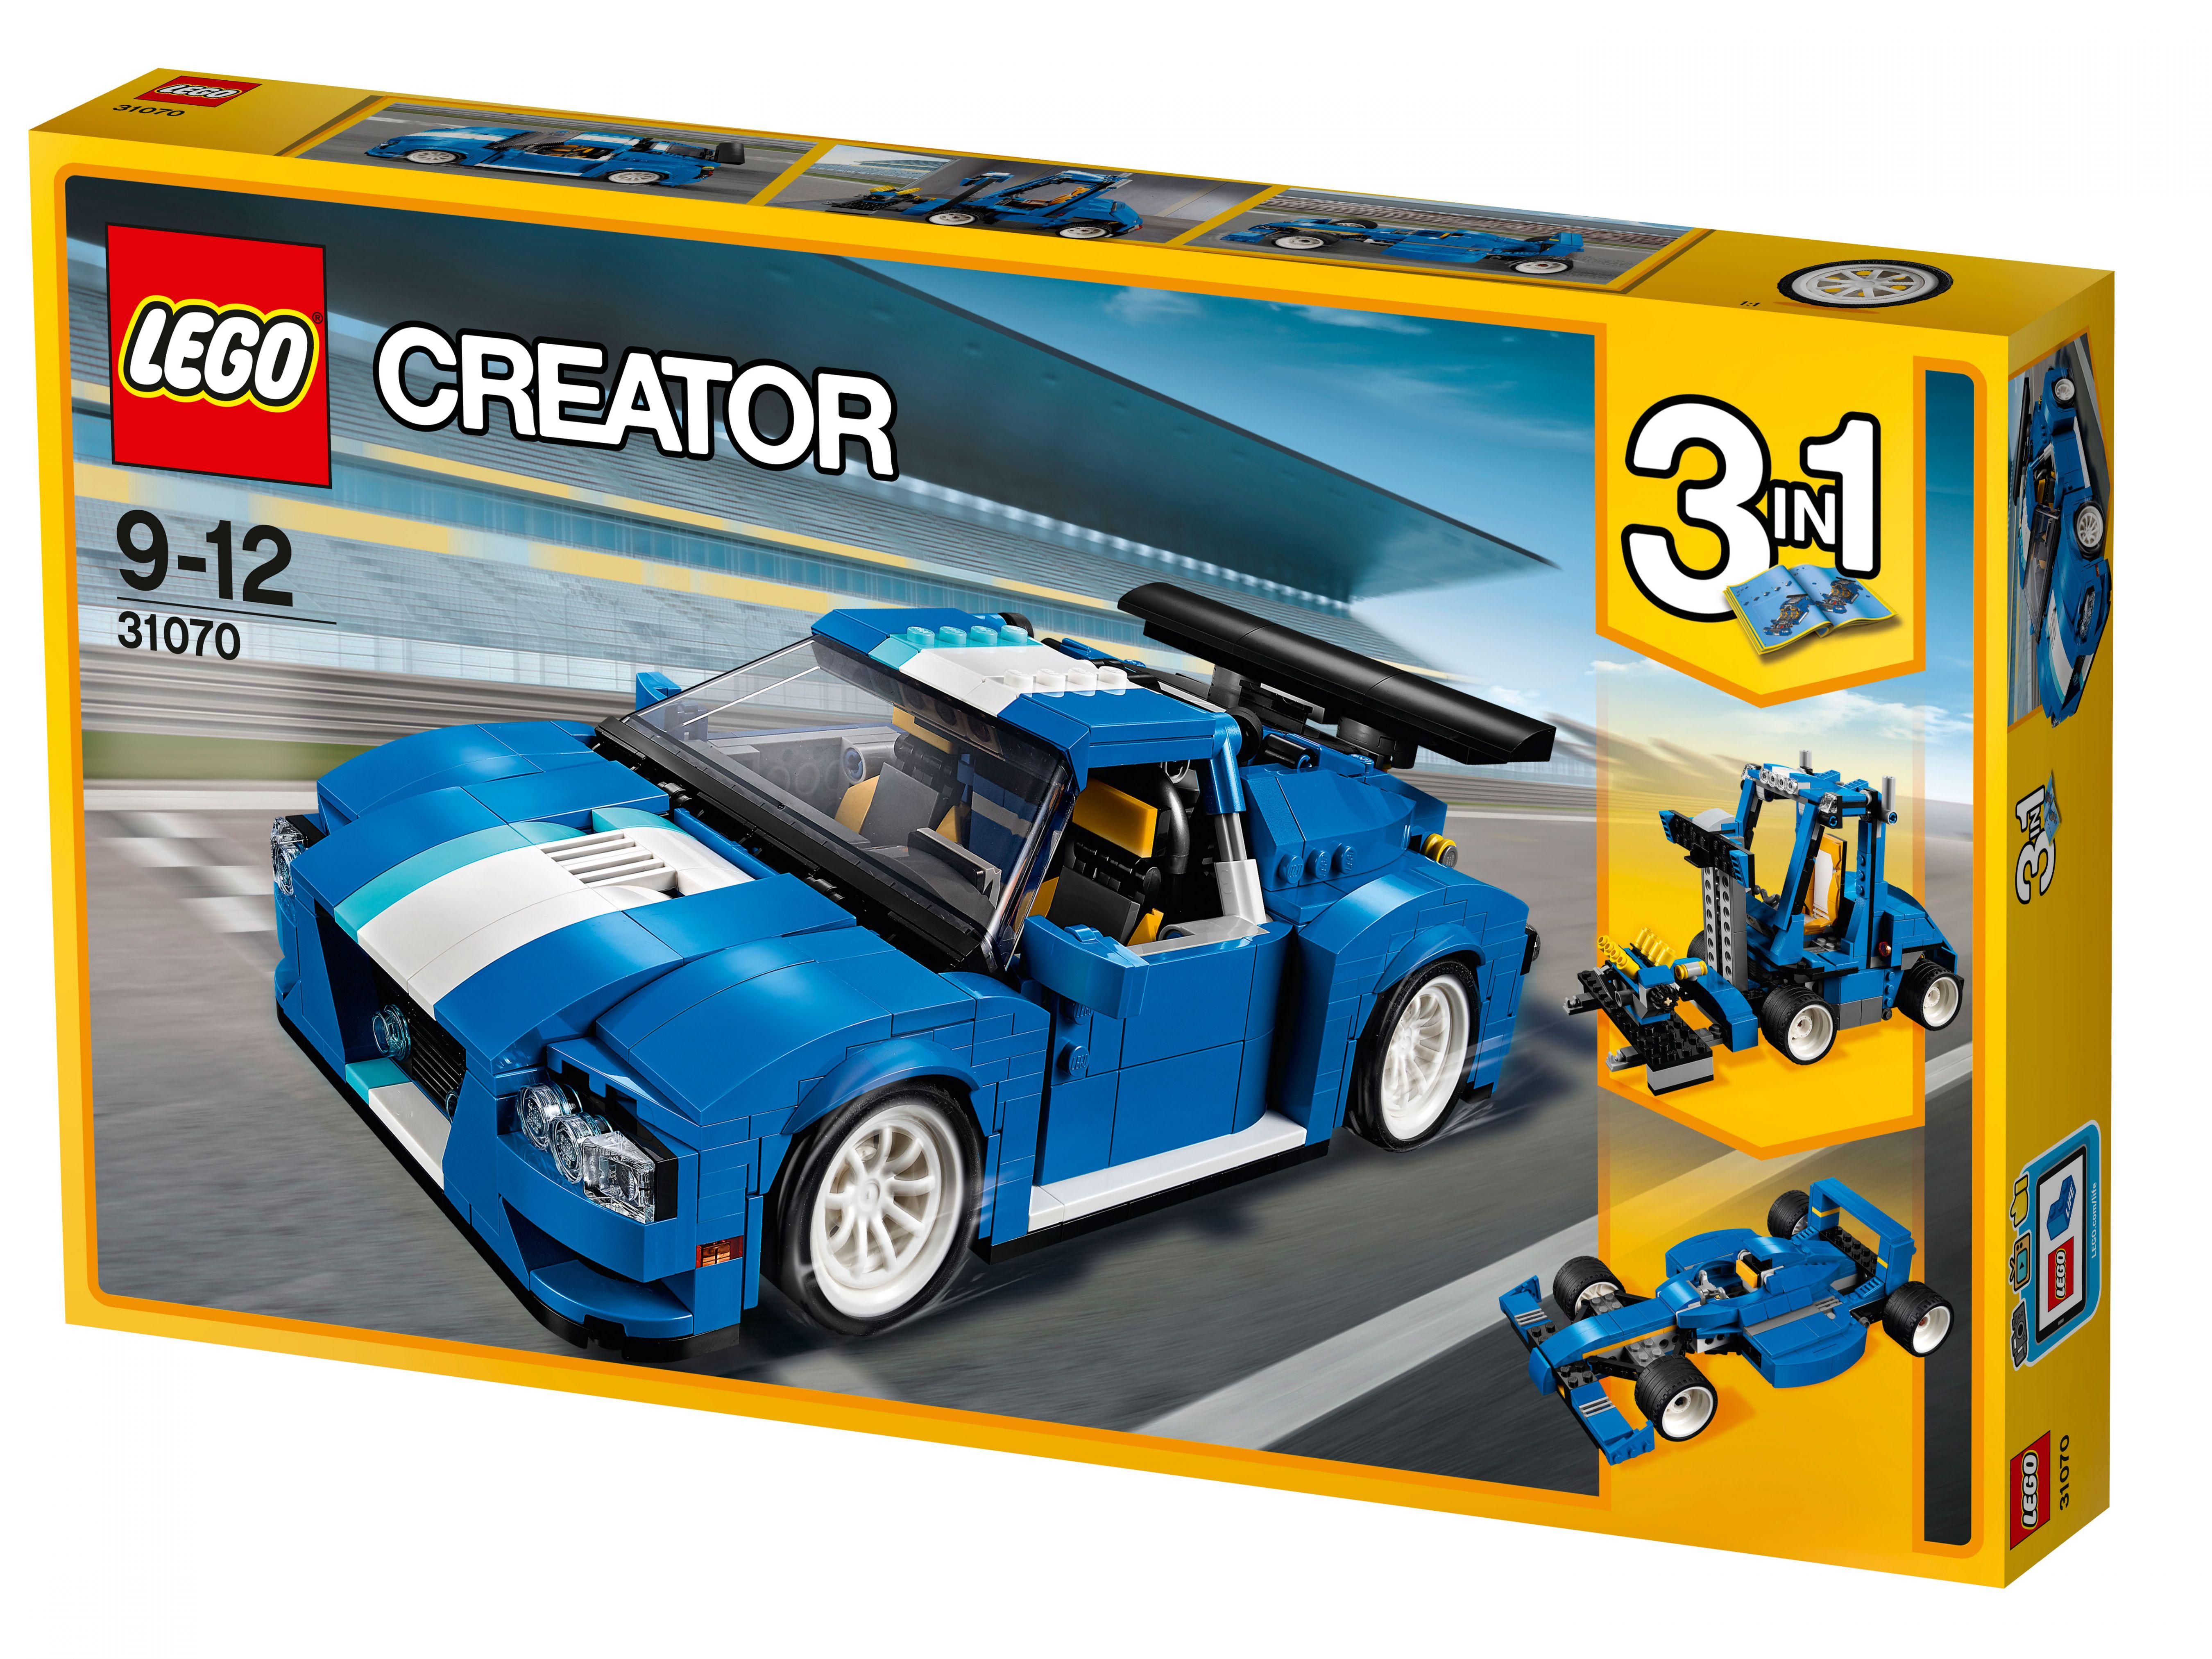 31070 Lego Creator Гоночный автомобильСкоростная машина для гонок — совсем как настоящая! Если вы не можете отказаться от такого предложения, новый Лего Гоночный автомобиль станет воплощением вашей мечты. Чтобы сходство со спортивным авто было полным, разработчики создали конструкцию из 660 деталей. Разберитесь с кубиками и приглашайте в гости друзей, чтобы устроить настоящие гонки прямо посреди своей квартиры. Интересно, кто придет к финишу первым? Борьба обещает быть непростой, но места для сомнений нет. И навороченный салон, и техническое оснащение, и современный двигатель позволят вам смело рассчитывать на победу. Мотор хромирован и имеет подвижные детали, задние огни защитят от столкновения, а рычаг тормоза с коробкой передач порадуют безотказной работой. А если вы проявите смекалку, то сможете из тех же кубиков сложить компактный погрузчик или скоростной синий болид.<br>